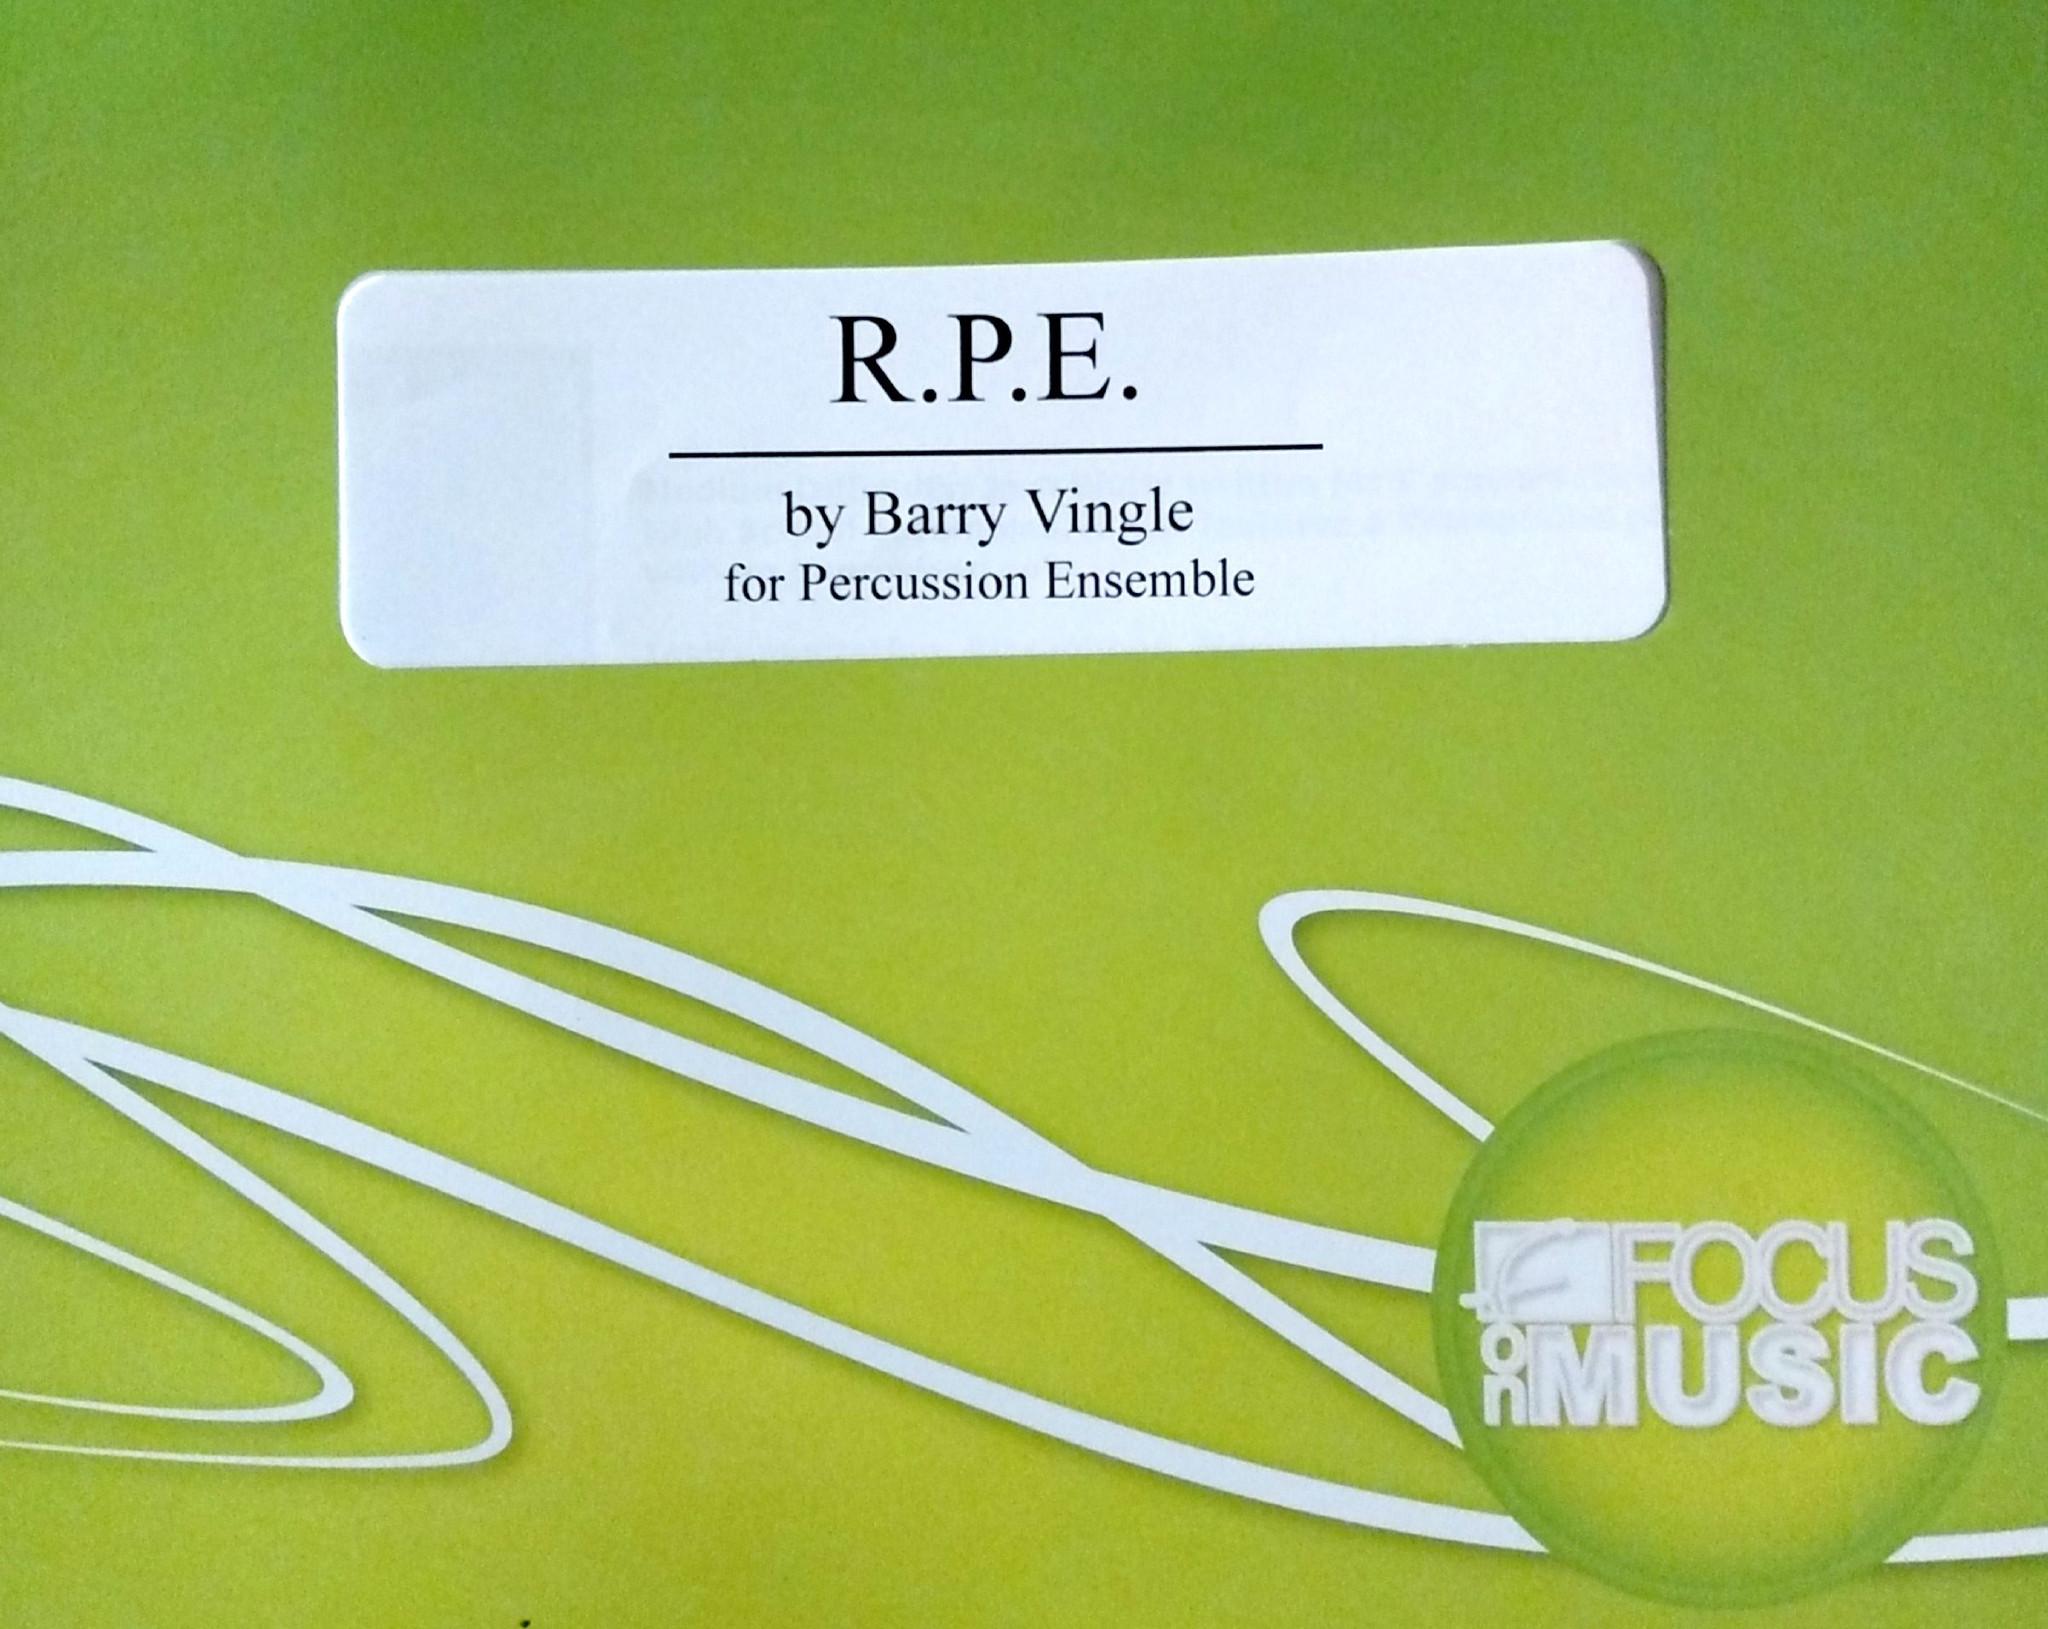 R.P.E.